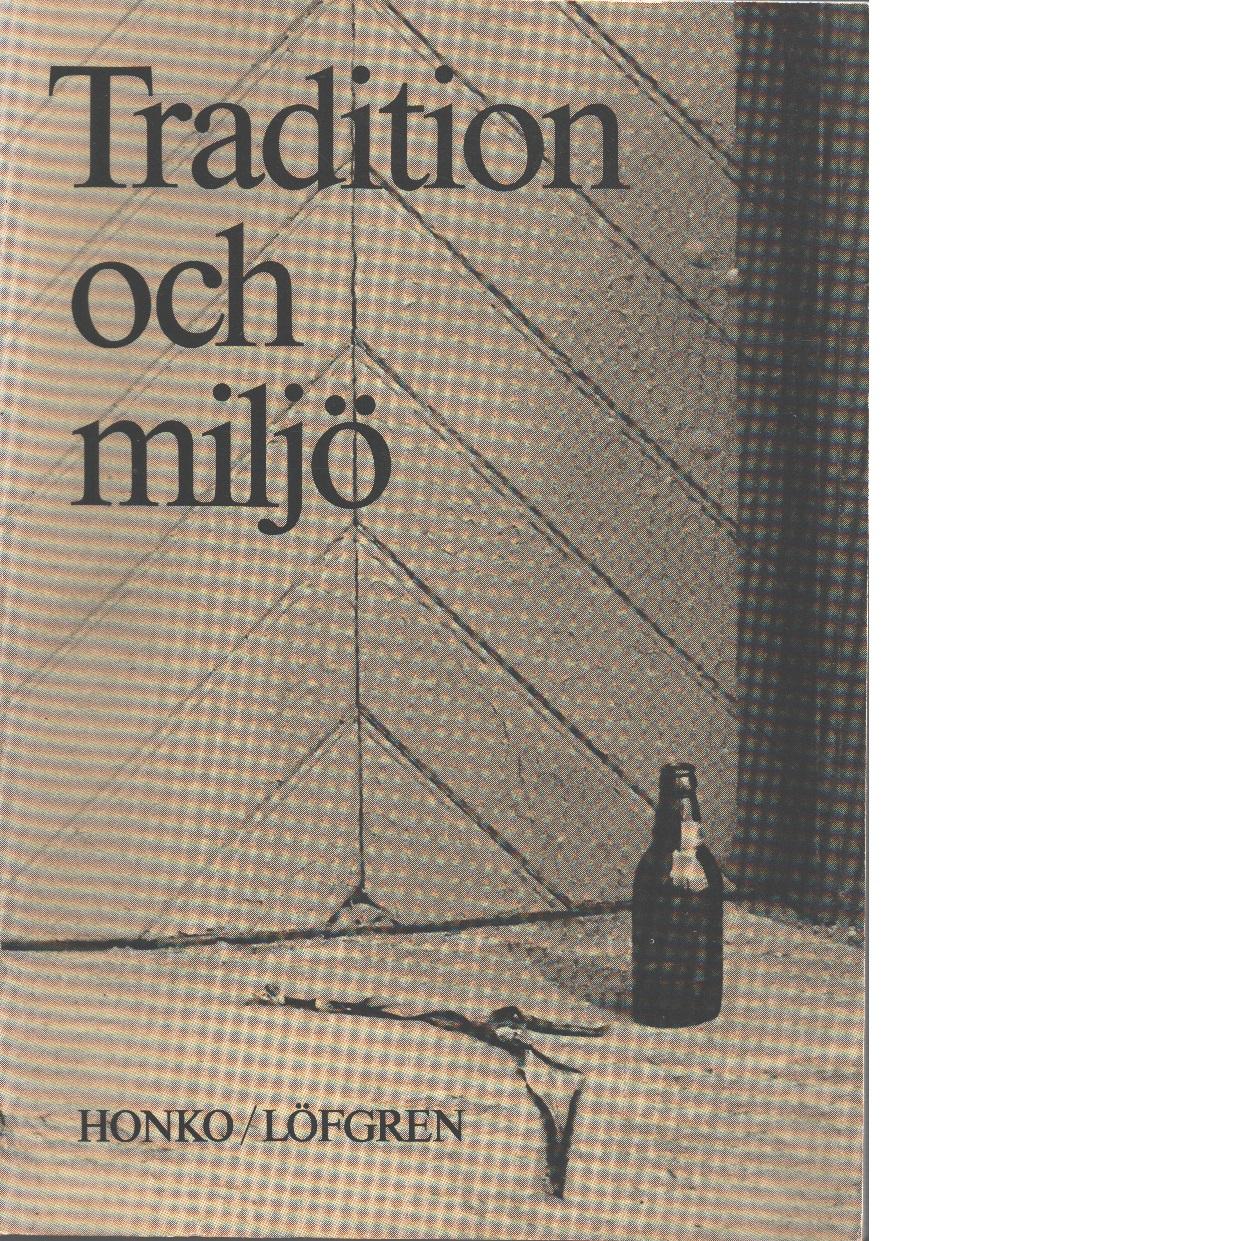 Tradition och miljö : ett kulturekologiskt perspektiv - Red.